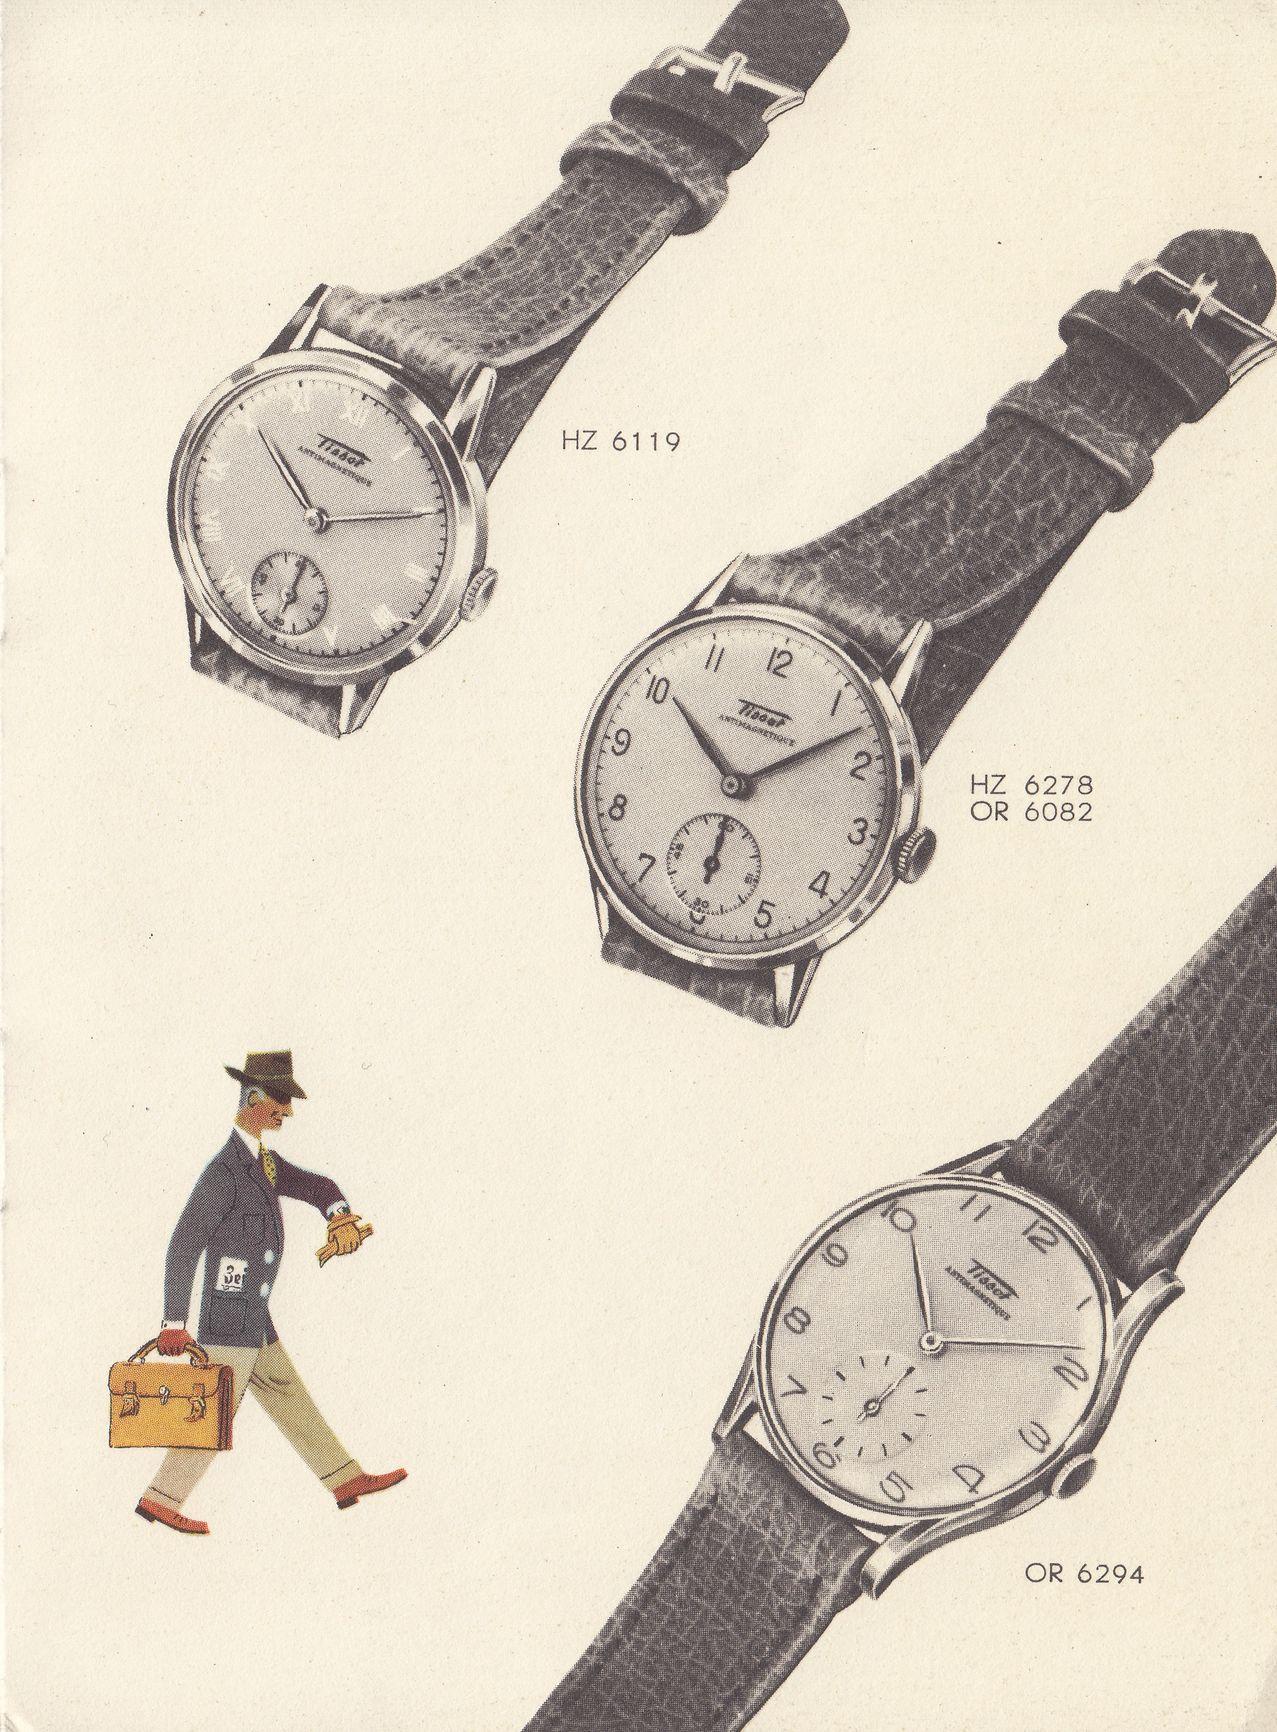 1943 - Tissot Catalogue